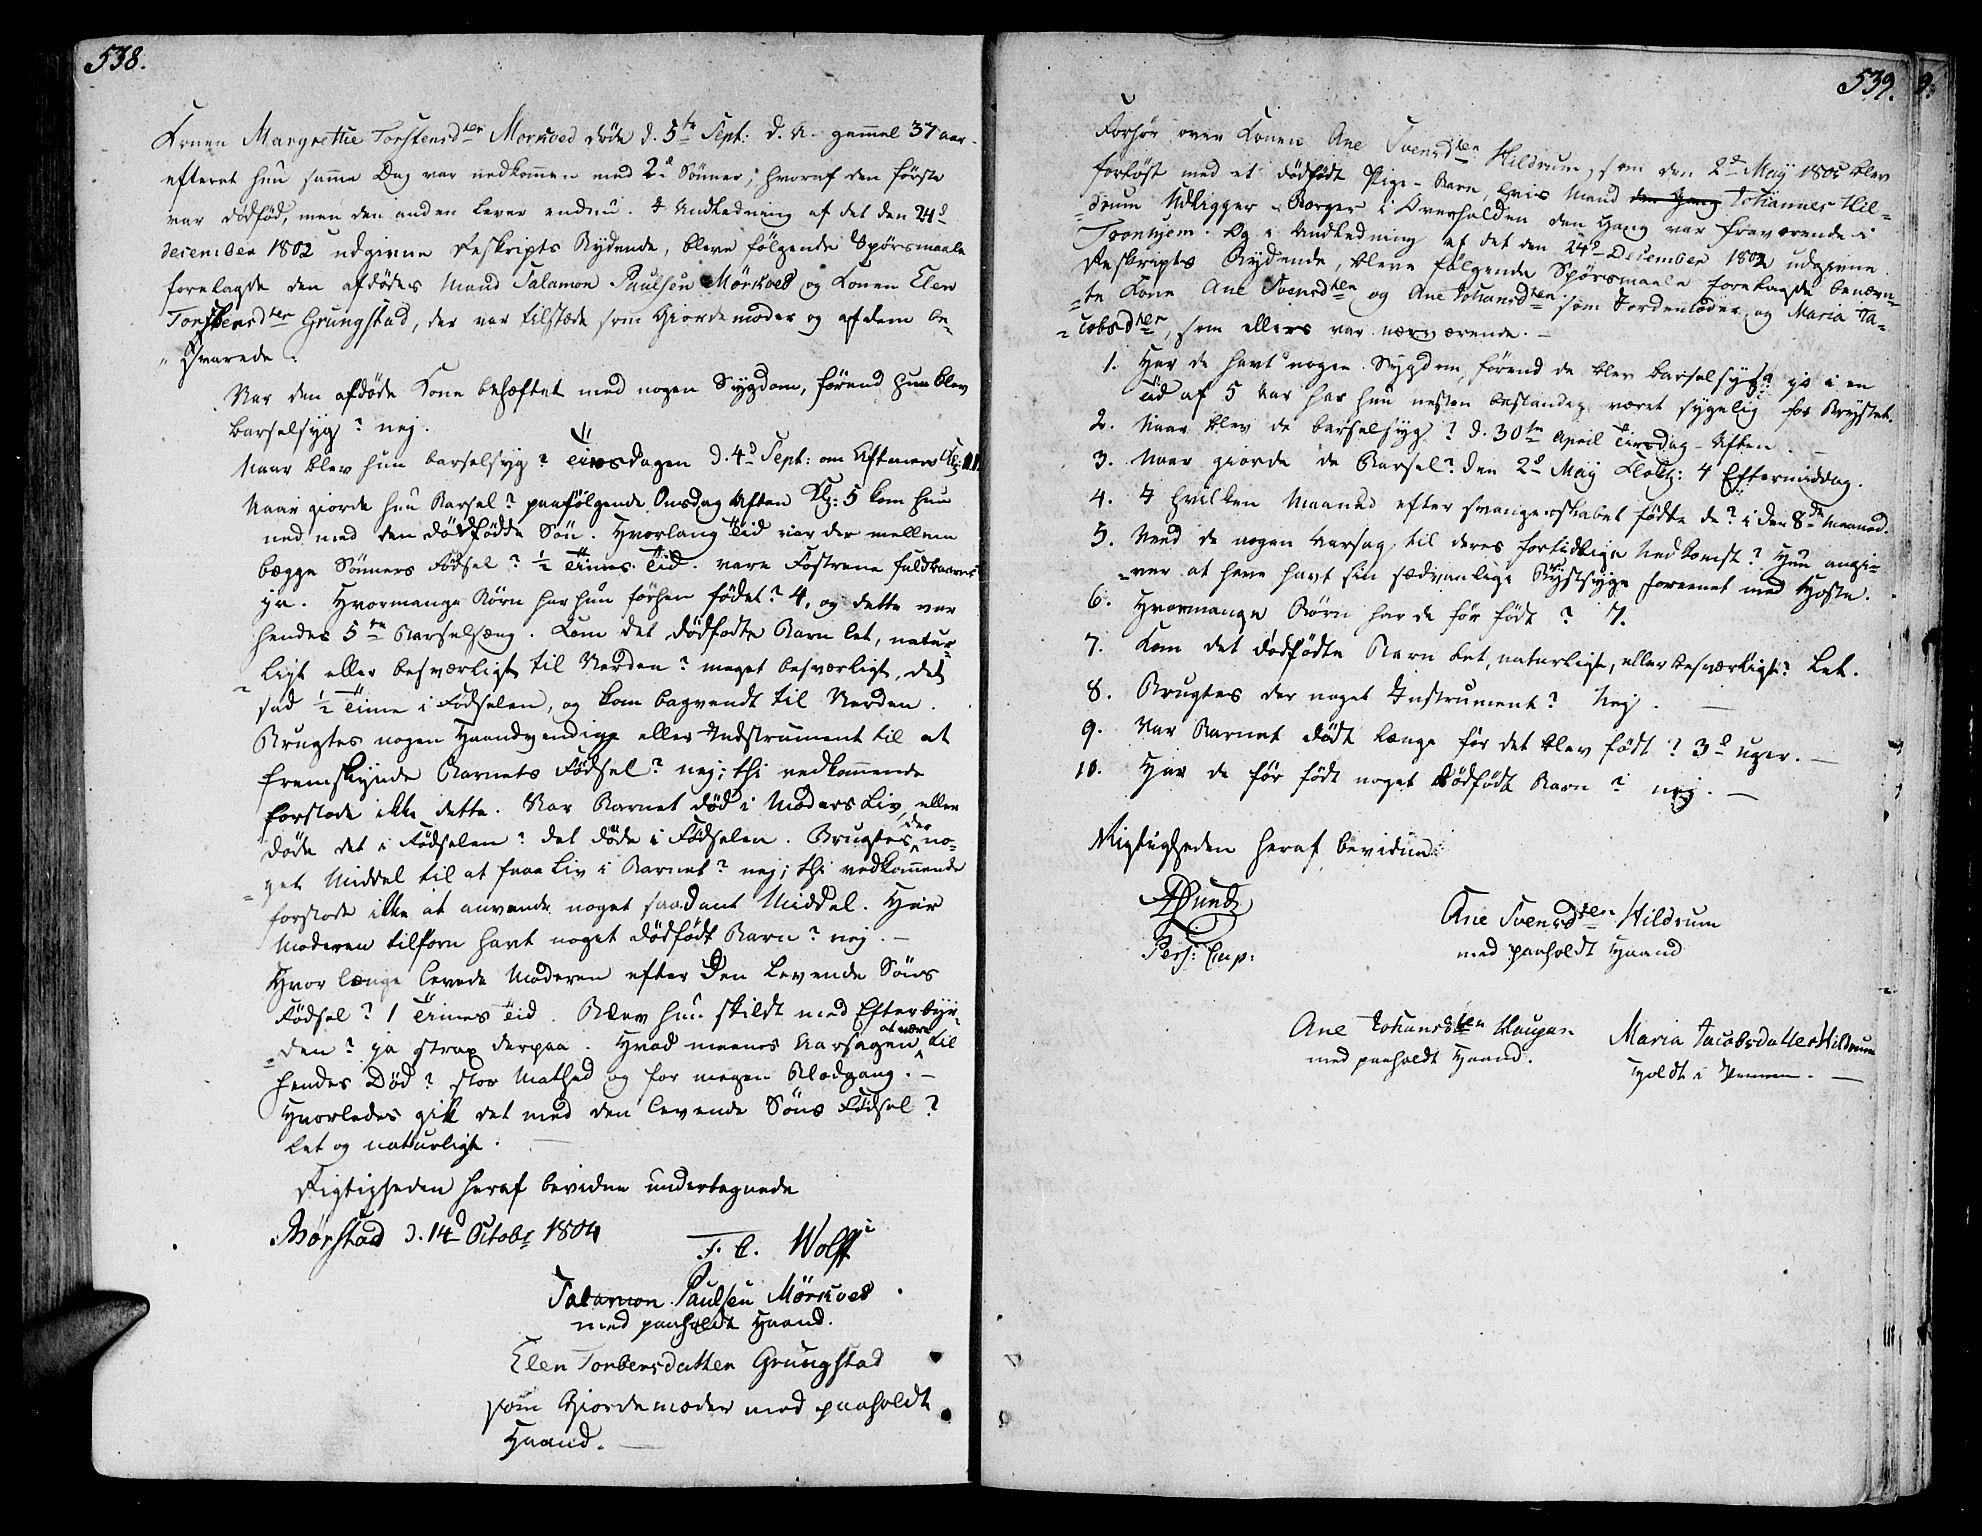 SAT, Ministerialprotokoller, klokkerbøker og fødselsregistre - Nord-Trøndelag, 764/L0545: Ministerialbok nr. 764A05, 1799-1816, s. 538-539